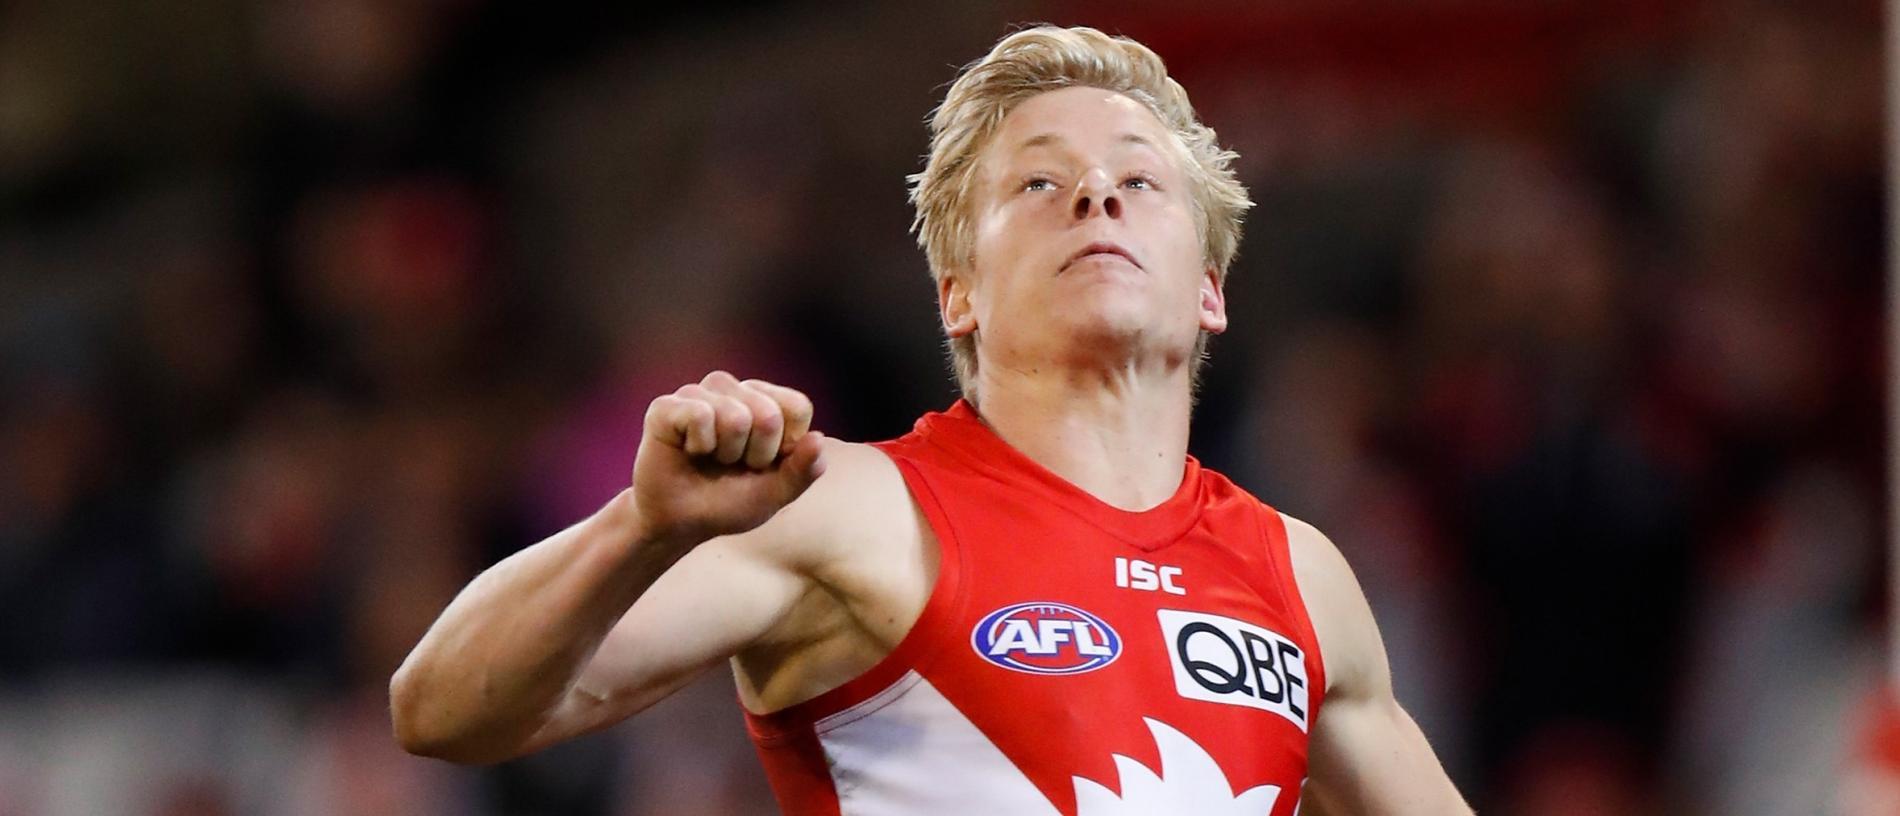 AFL 2018 Round 21 - Melbourne v Sydney